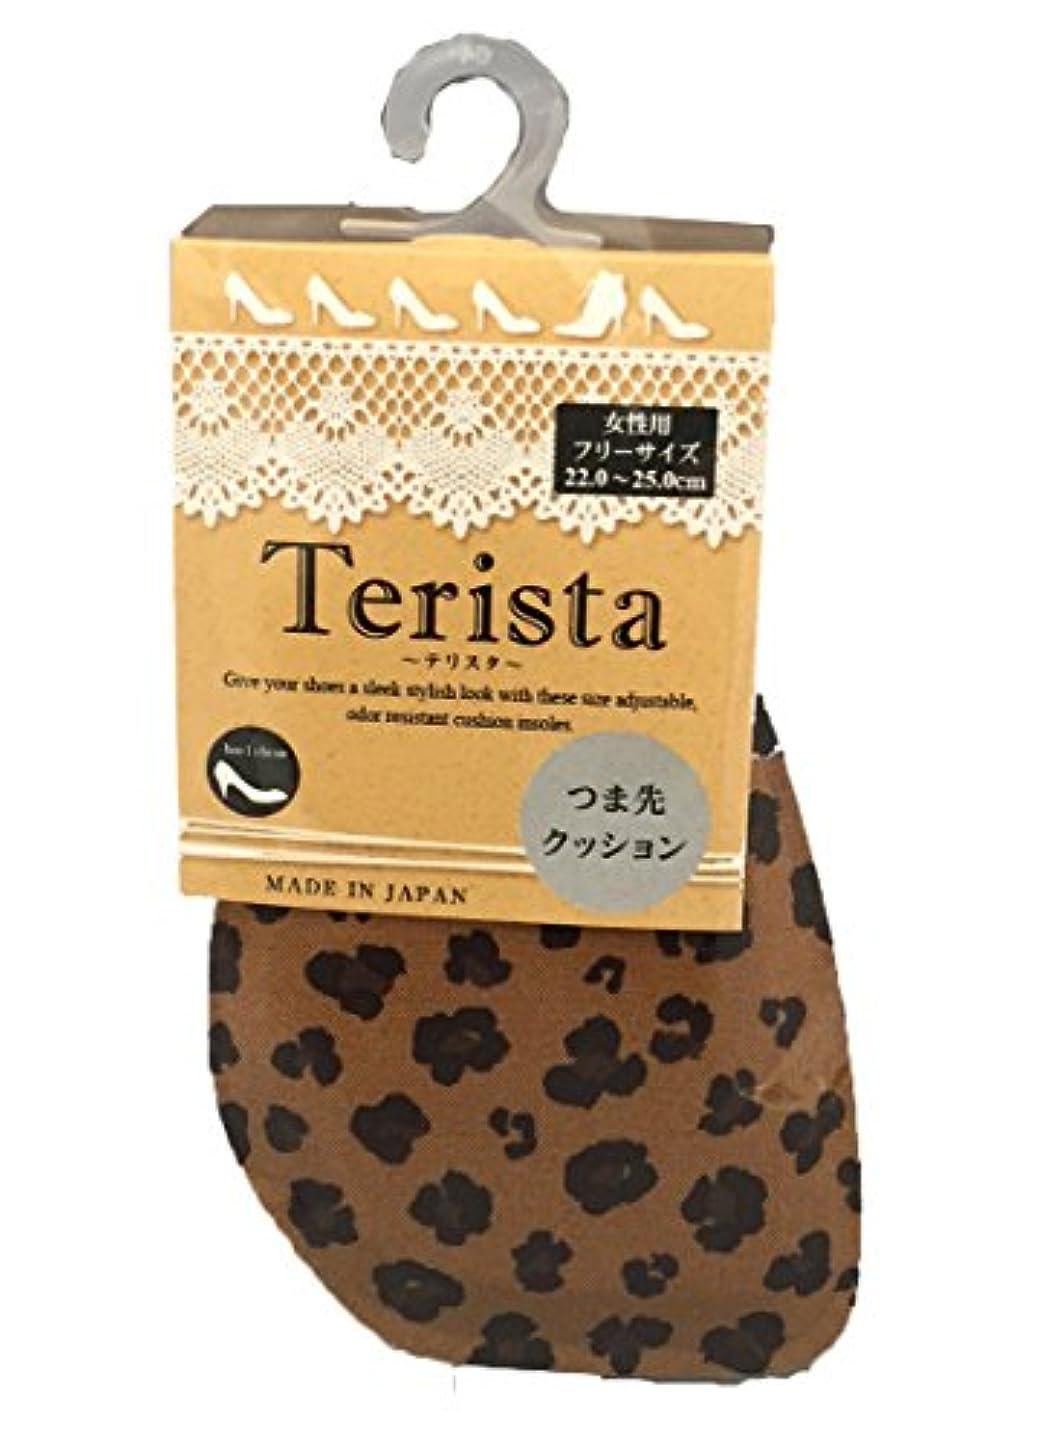 モリト テリスタ つま先クッション レオパード柄 女性用 22.0~25.0cm